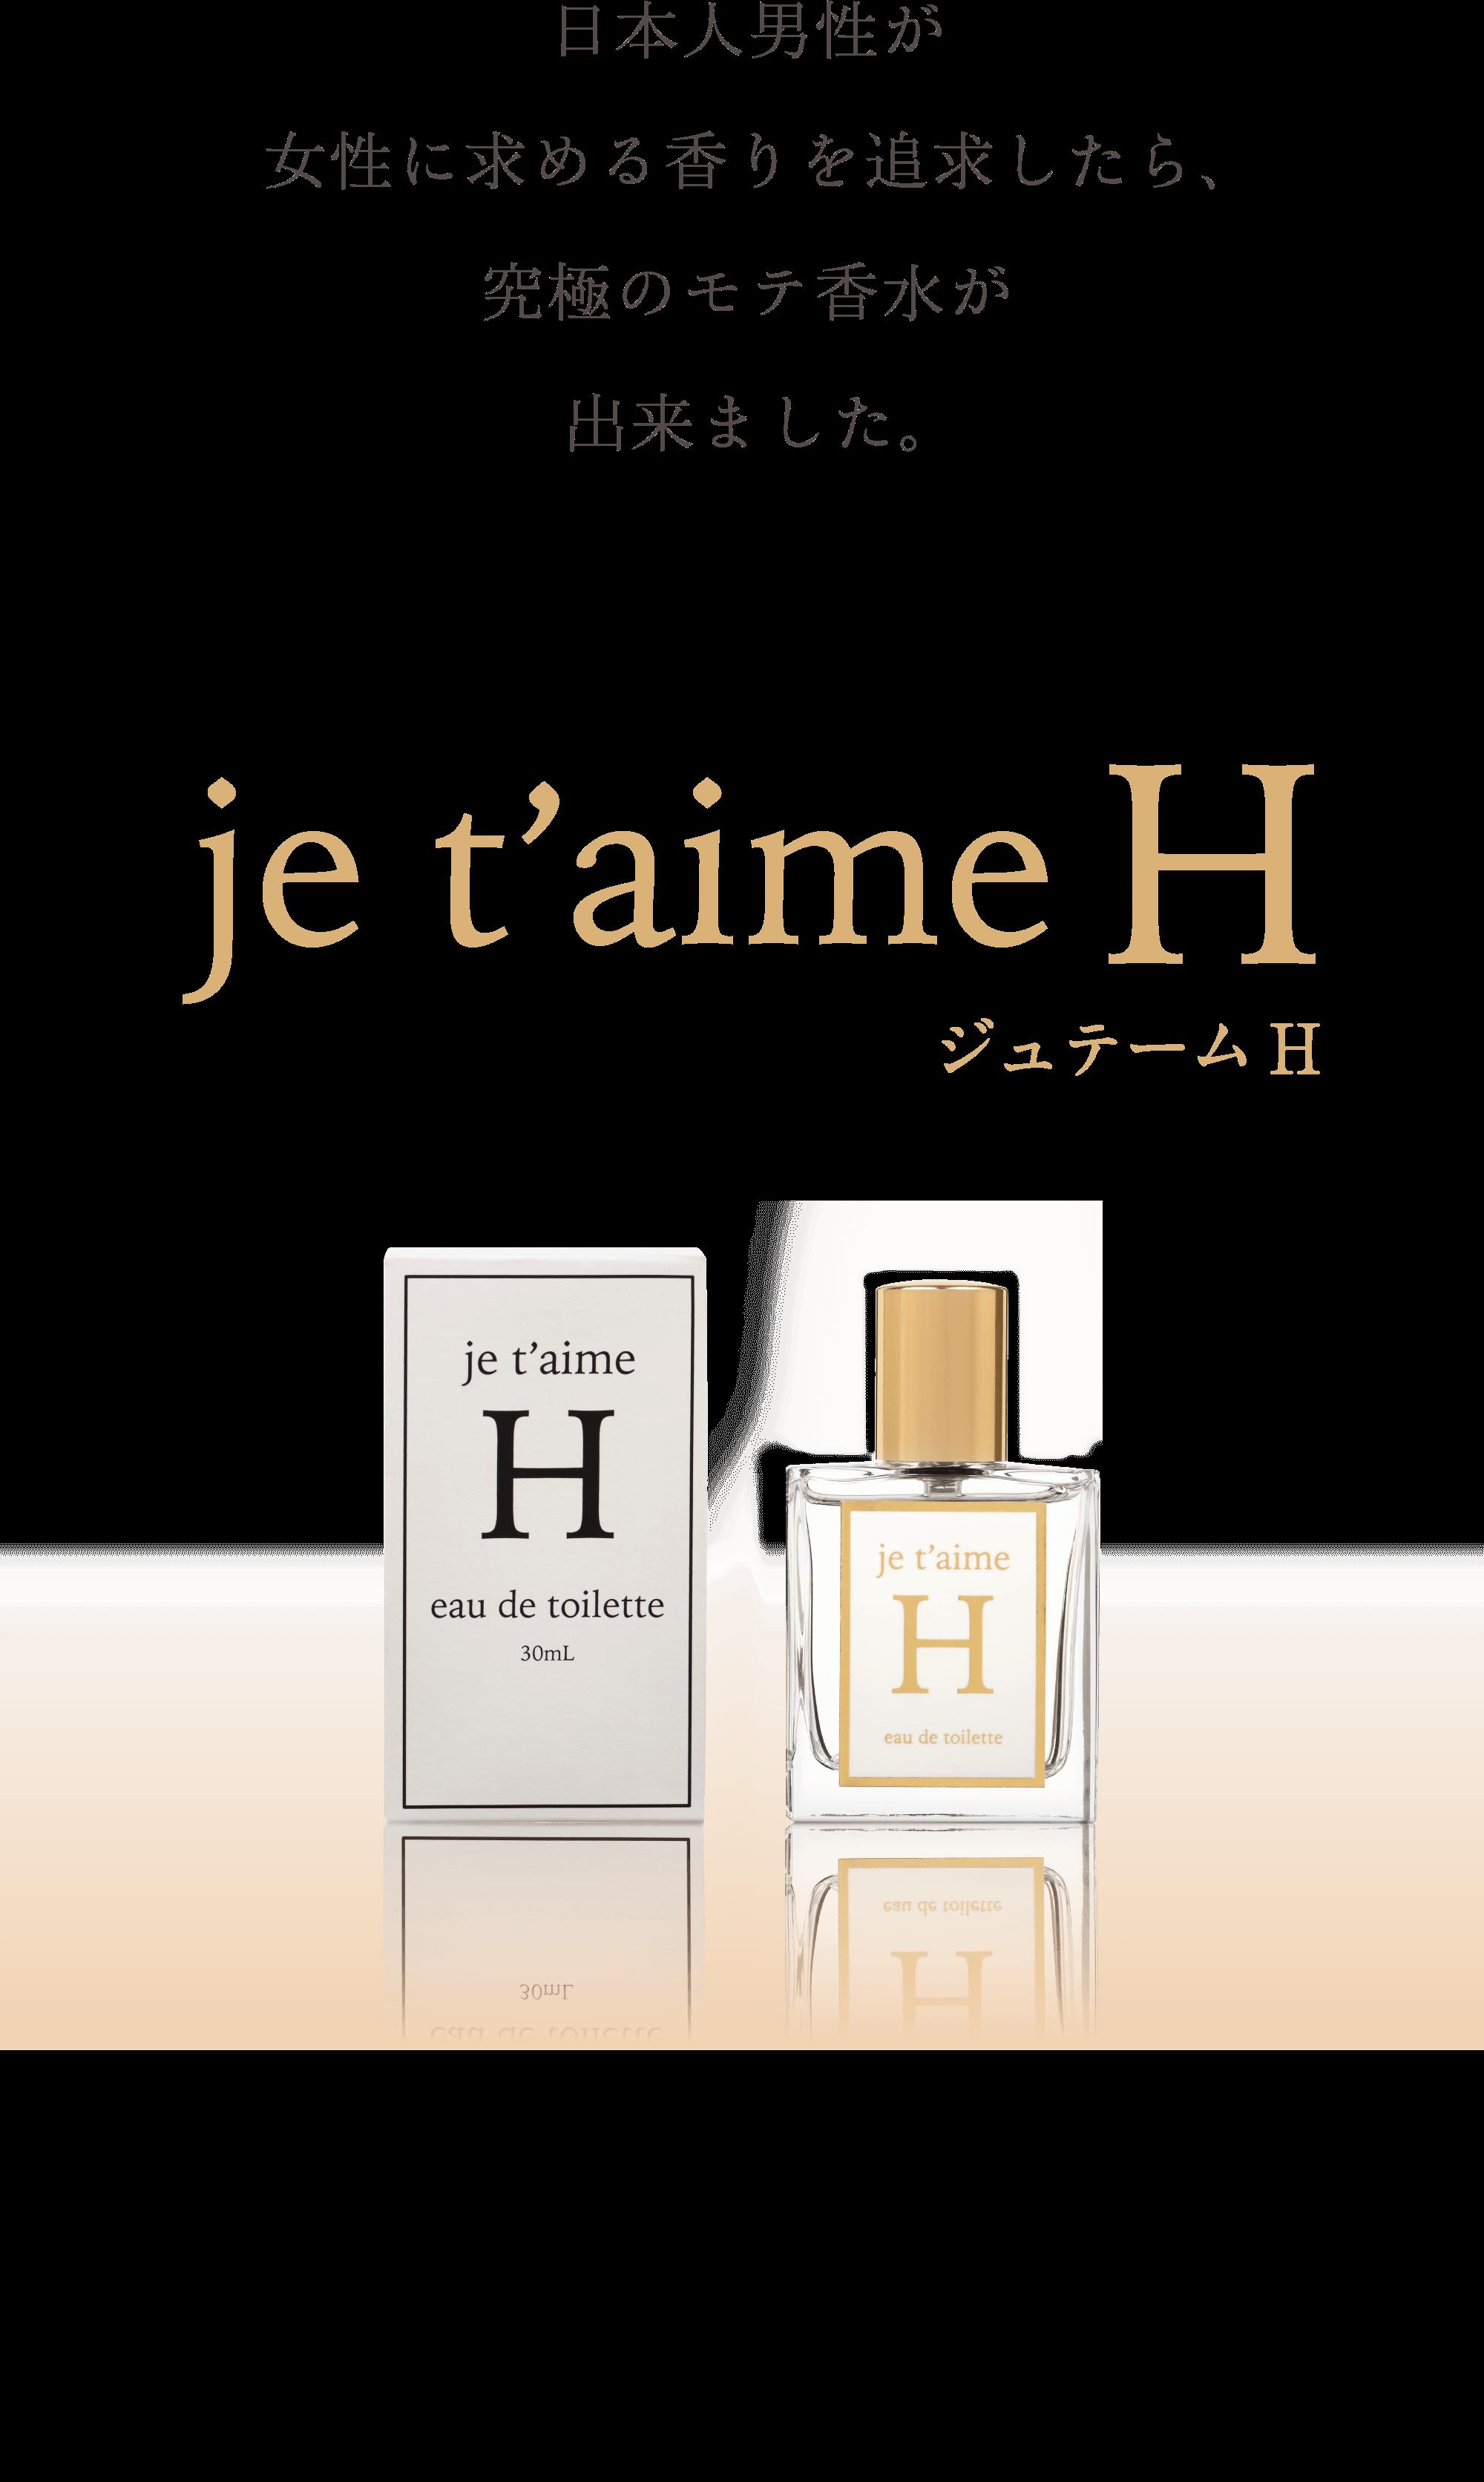 日本人男性が女性に求める香りを追求したら、究極のモテ香水ができました